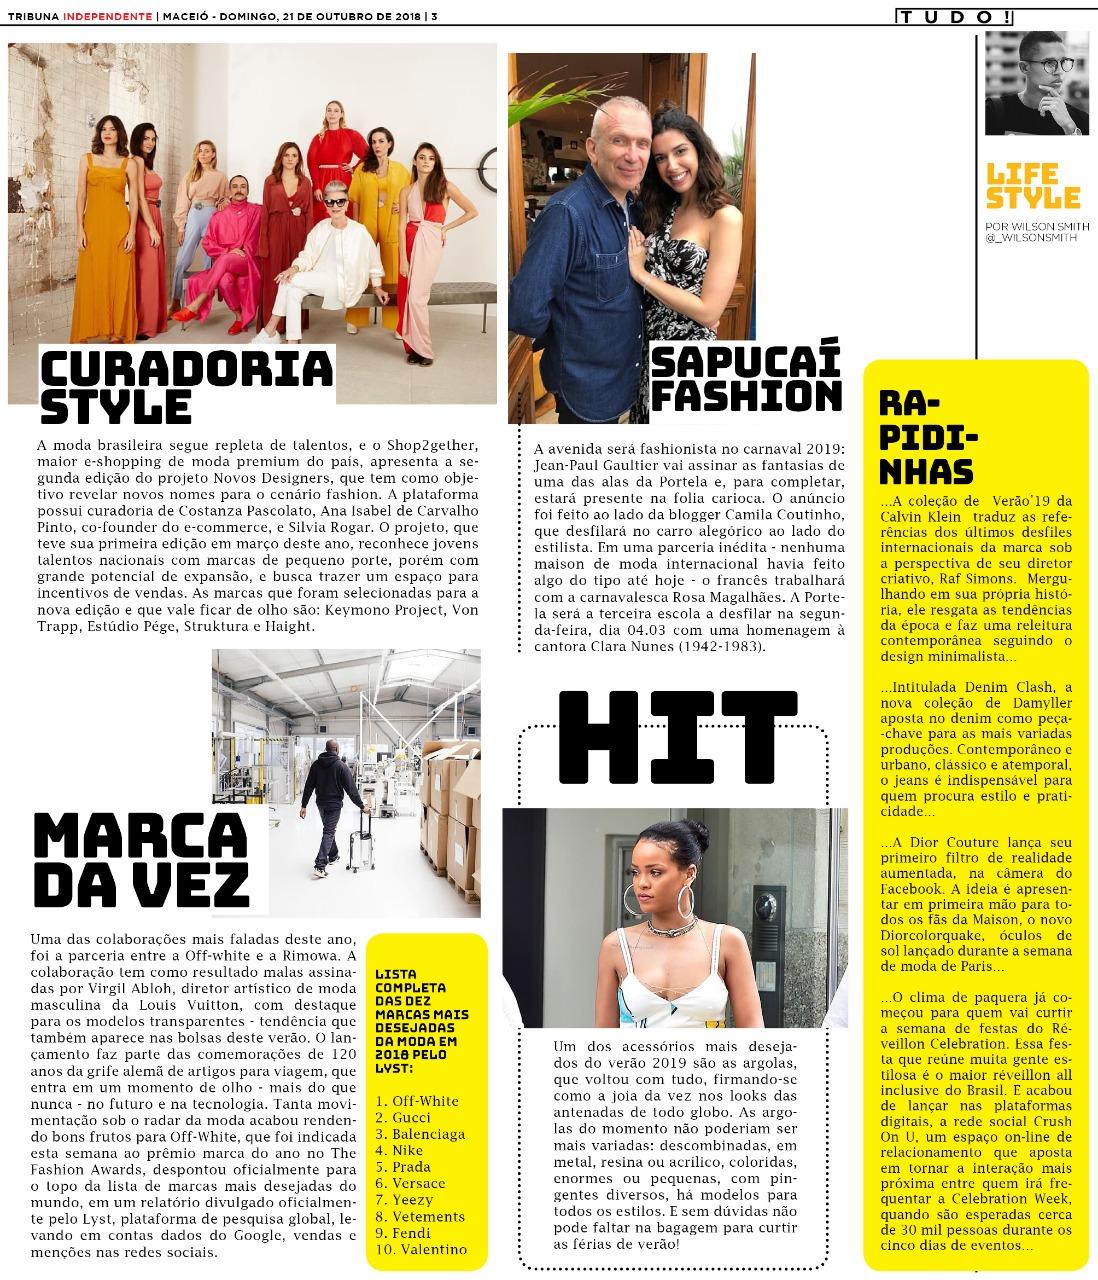 ... edição e tem conteúdo com o top 10 das marcas mais desejadas do globo.  Além de muitas parcerias incríveis que agitaram o cenário fashion essa  semana. e53fa62d9d